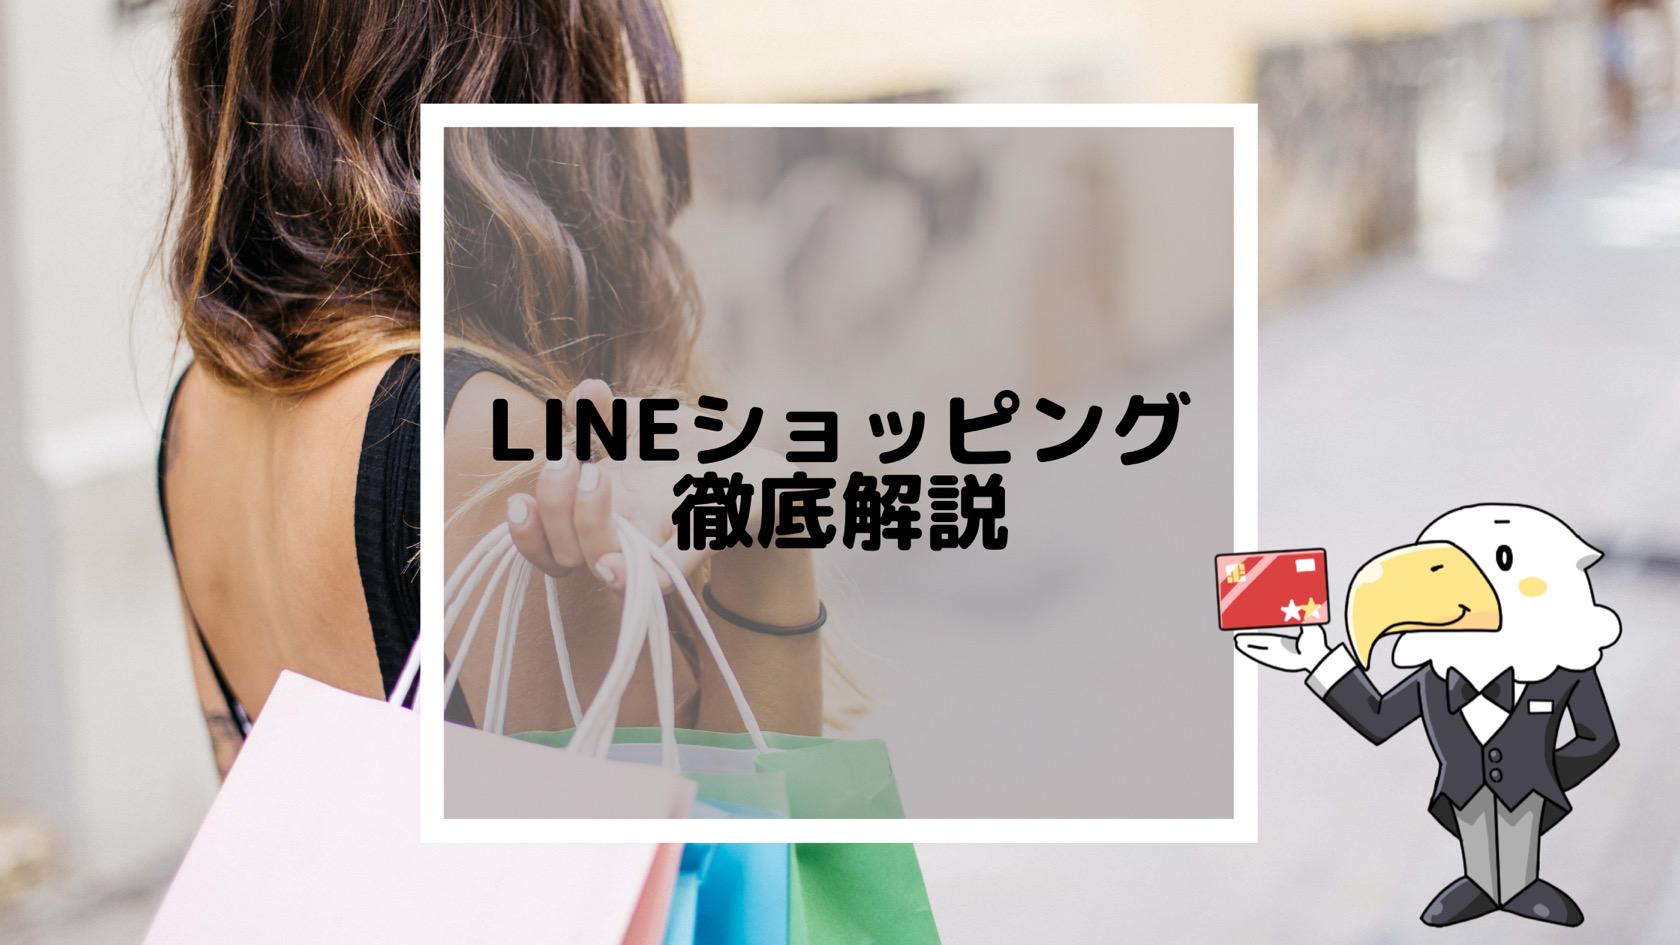 LINEショッピング-アイコン